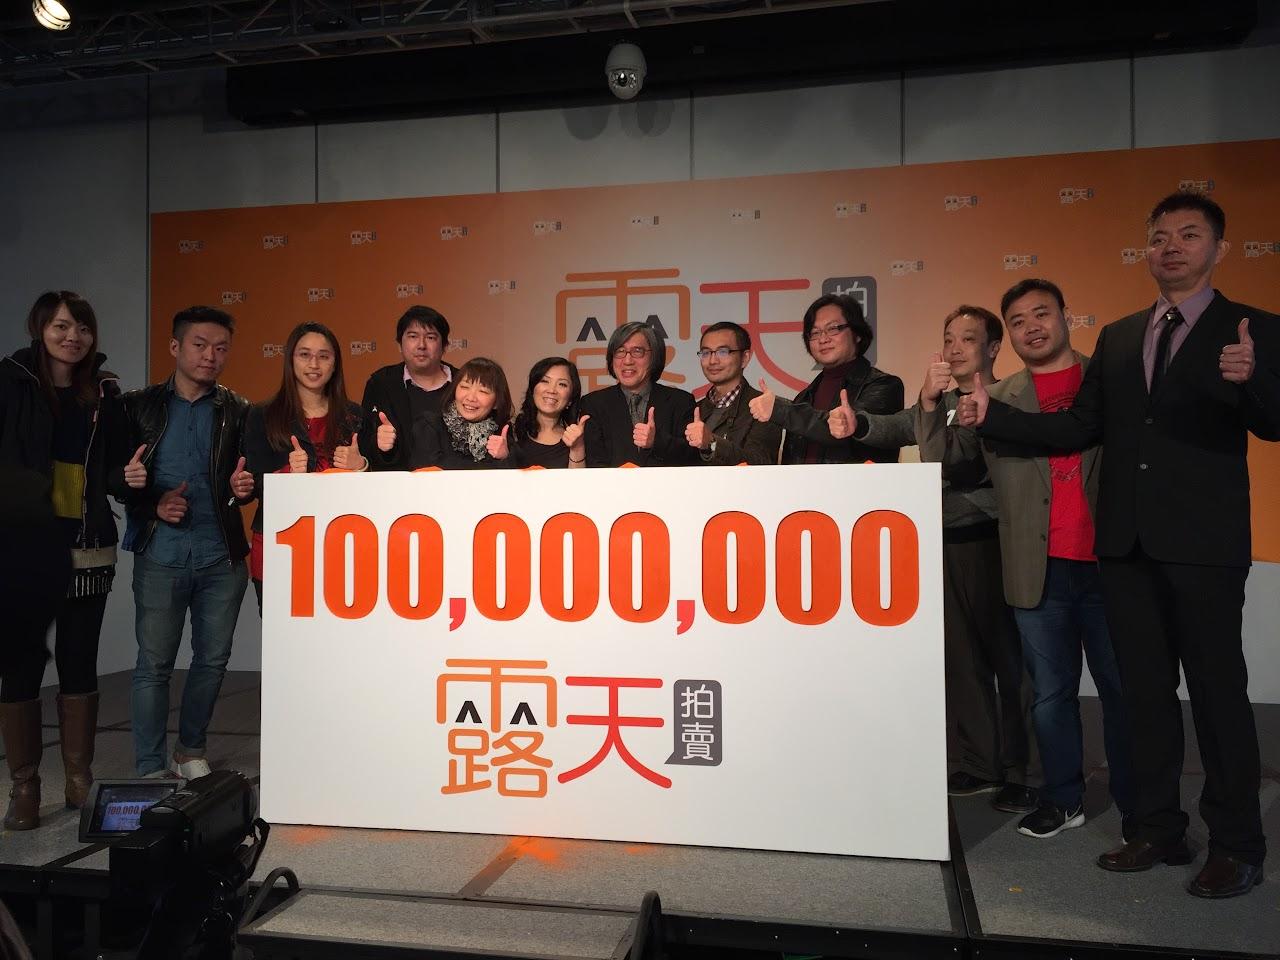 露天拍賣宣布年底將在香港上市,詹宏志:讓世界看見台灣網路產業的力量